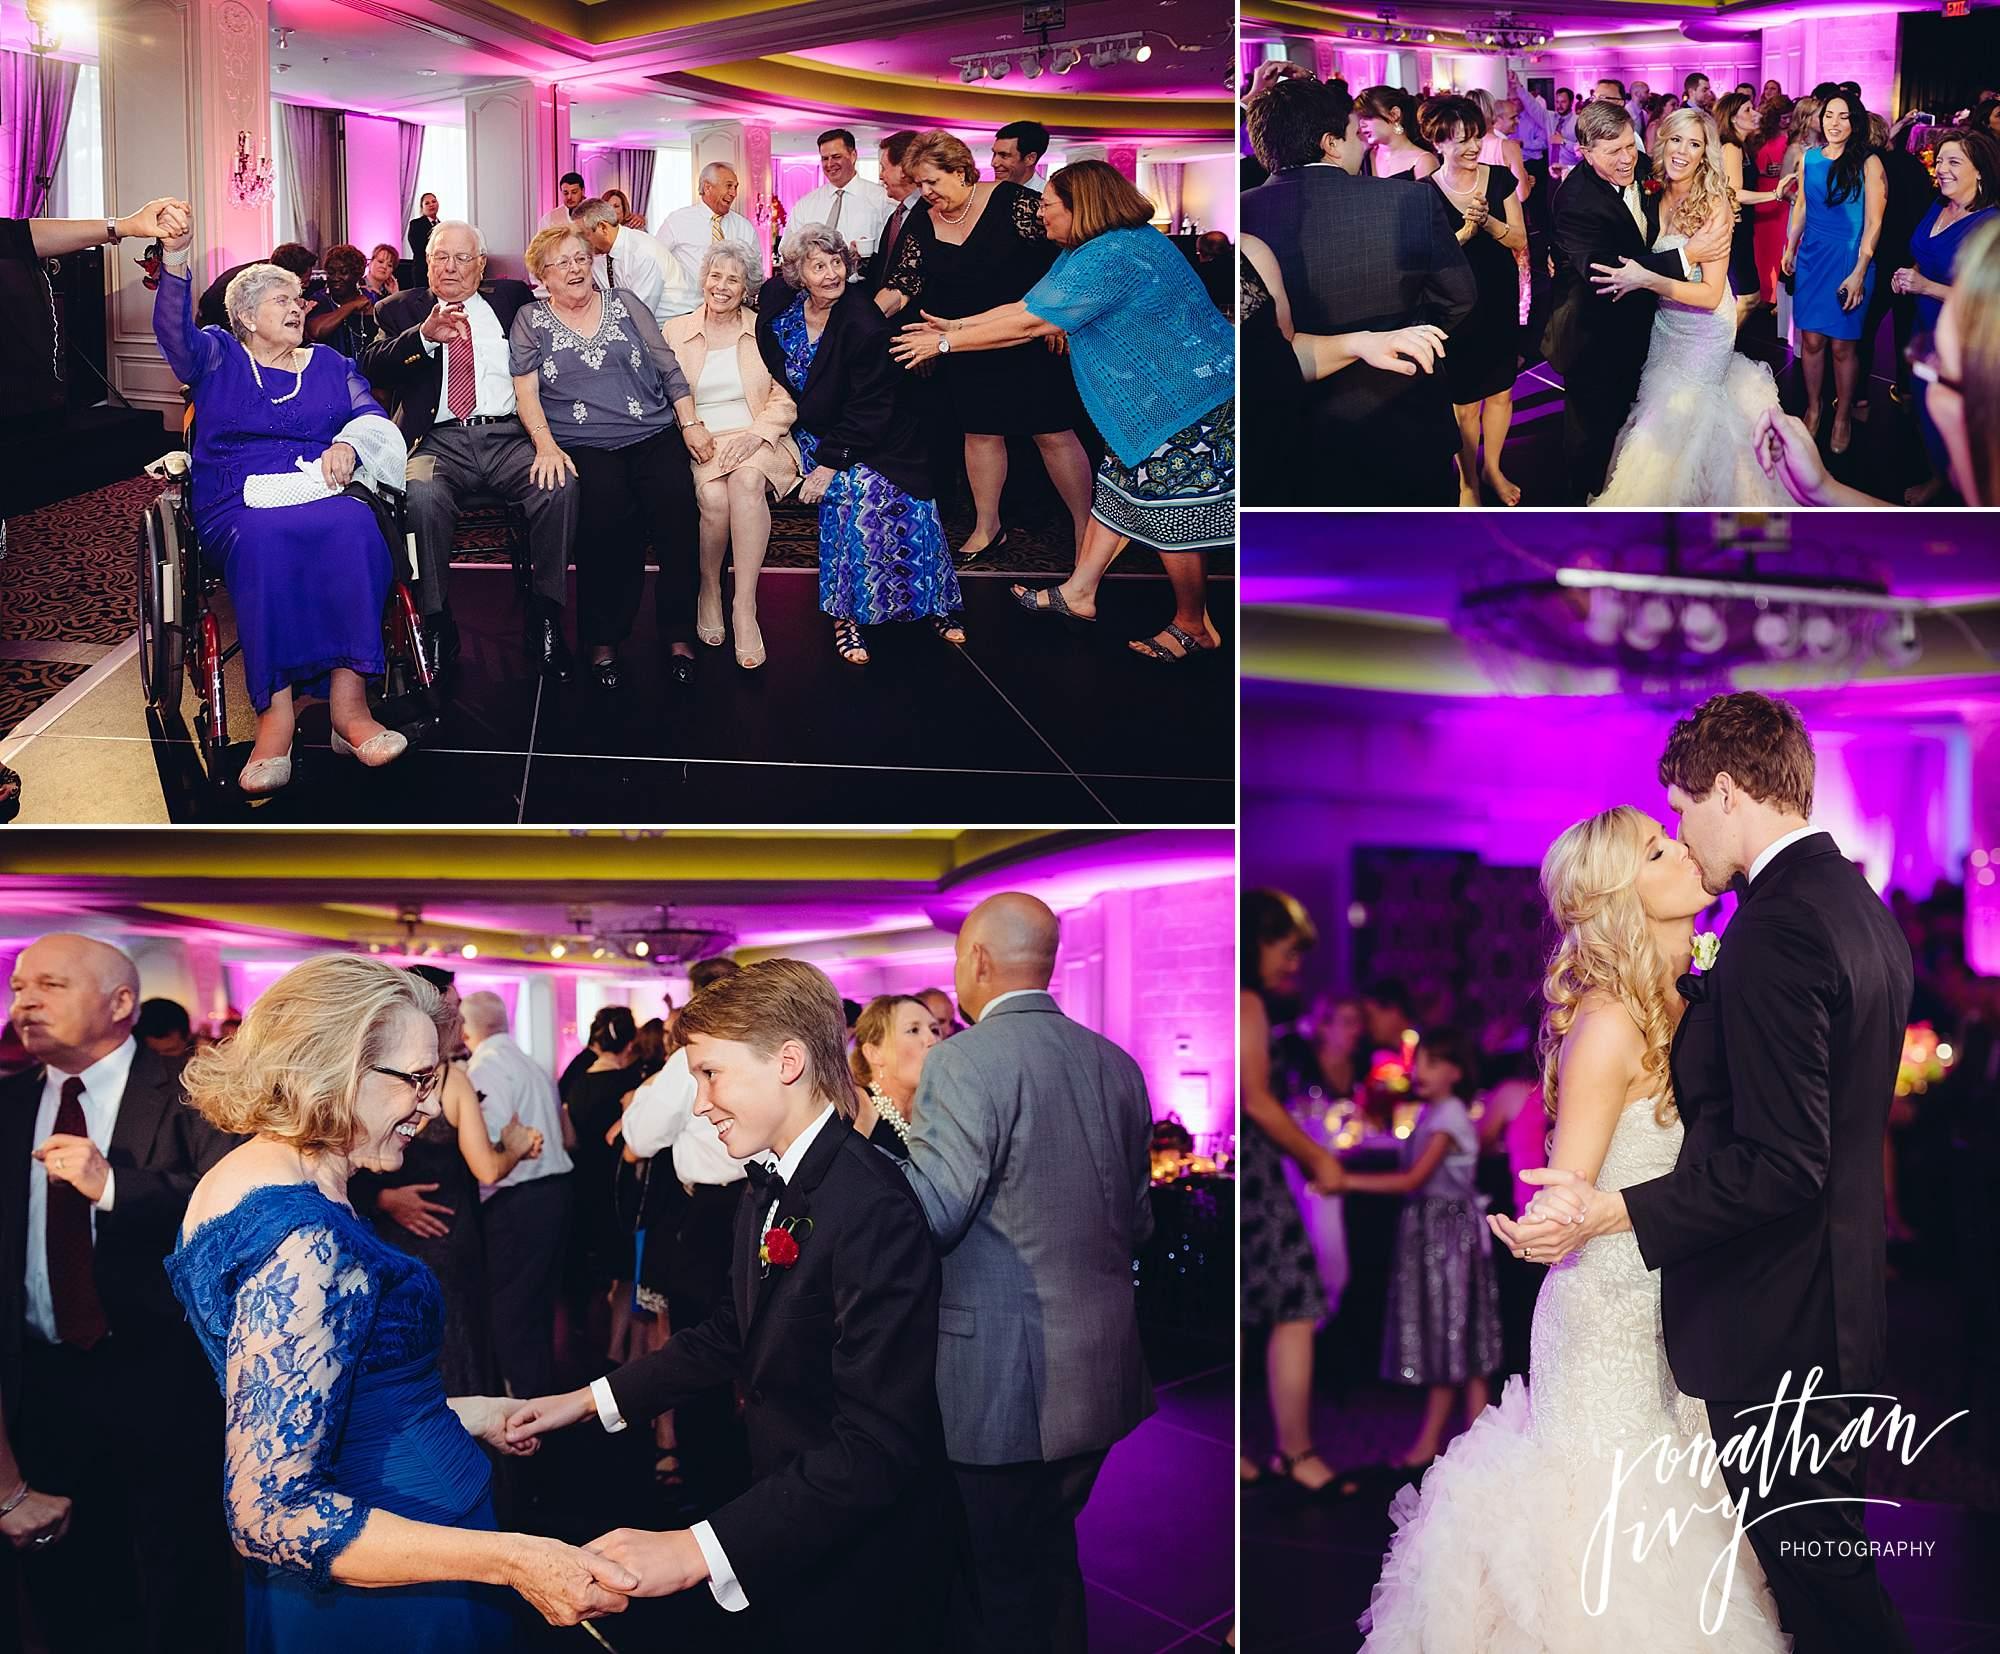 Hotel-Zaza-Houston-Wedding-Reception-0049.jpg